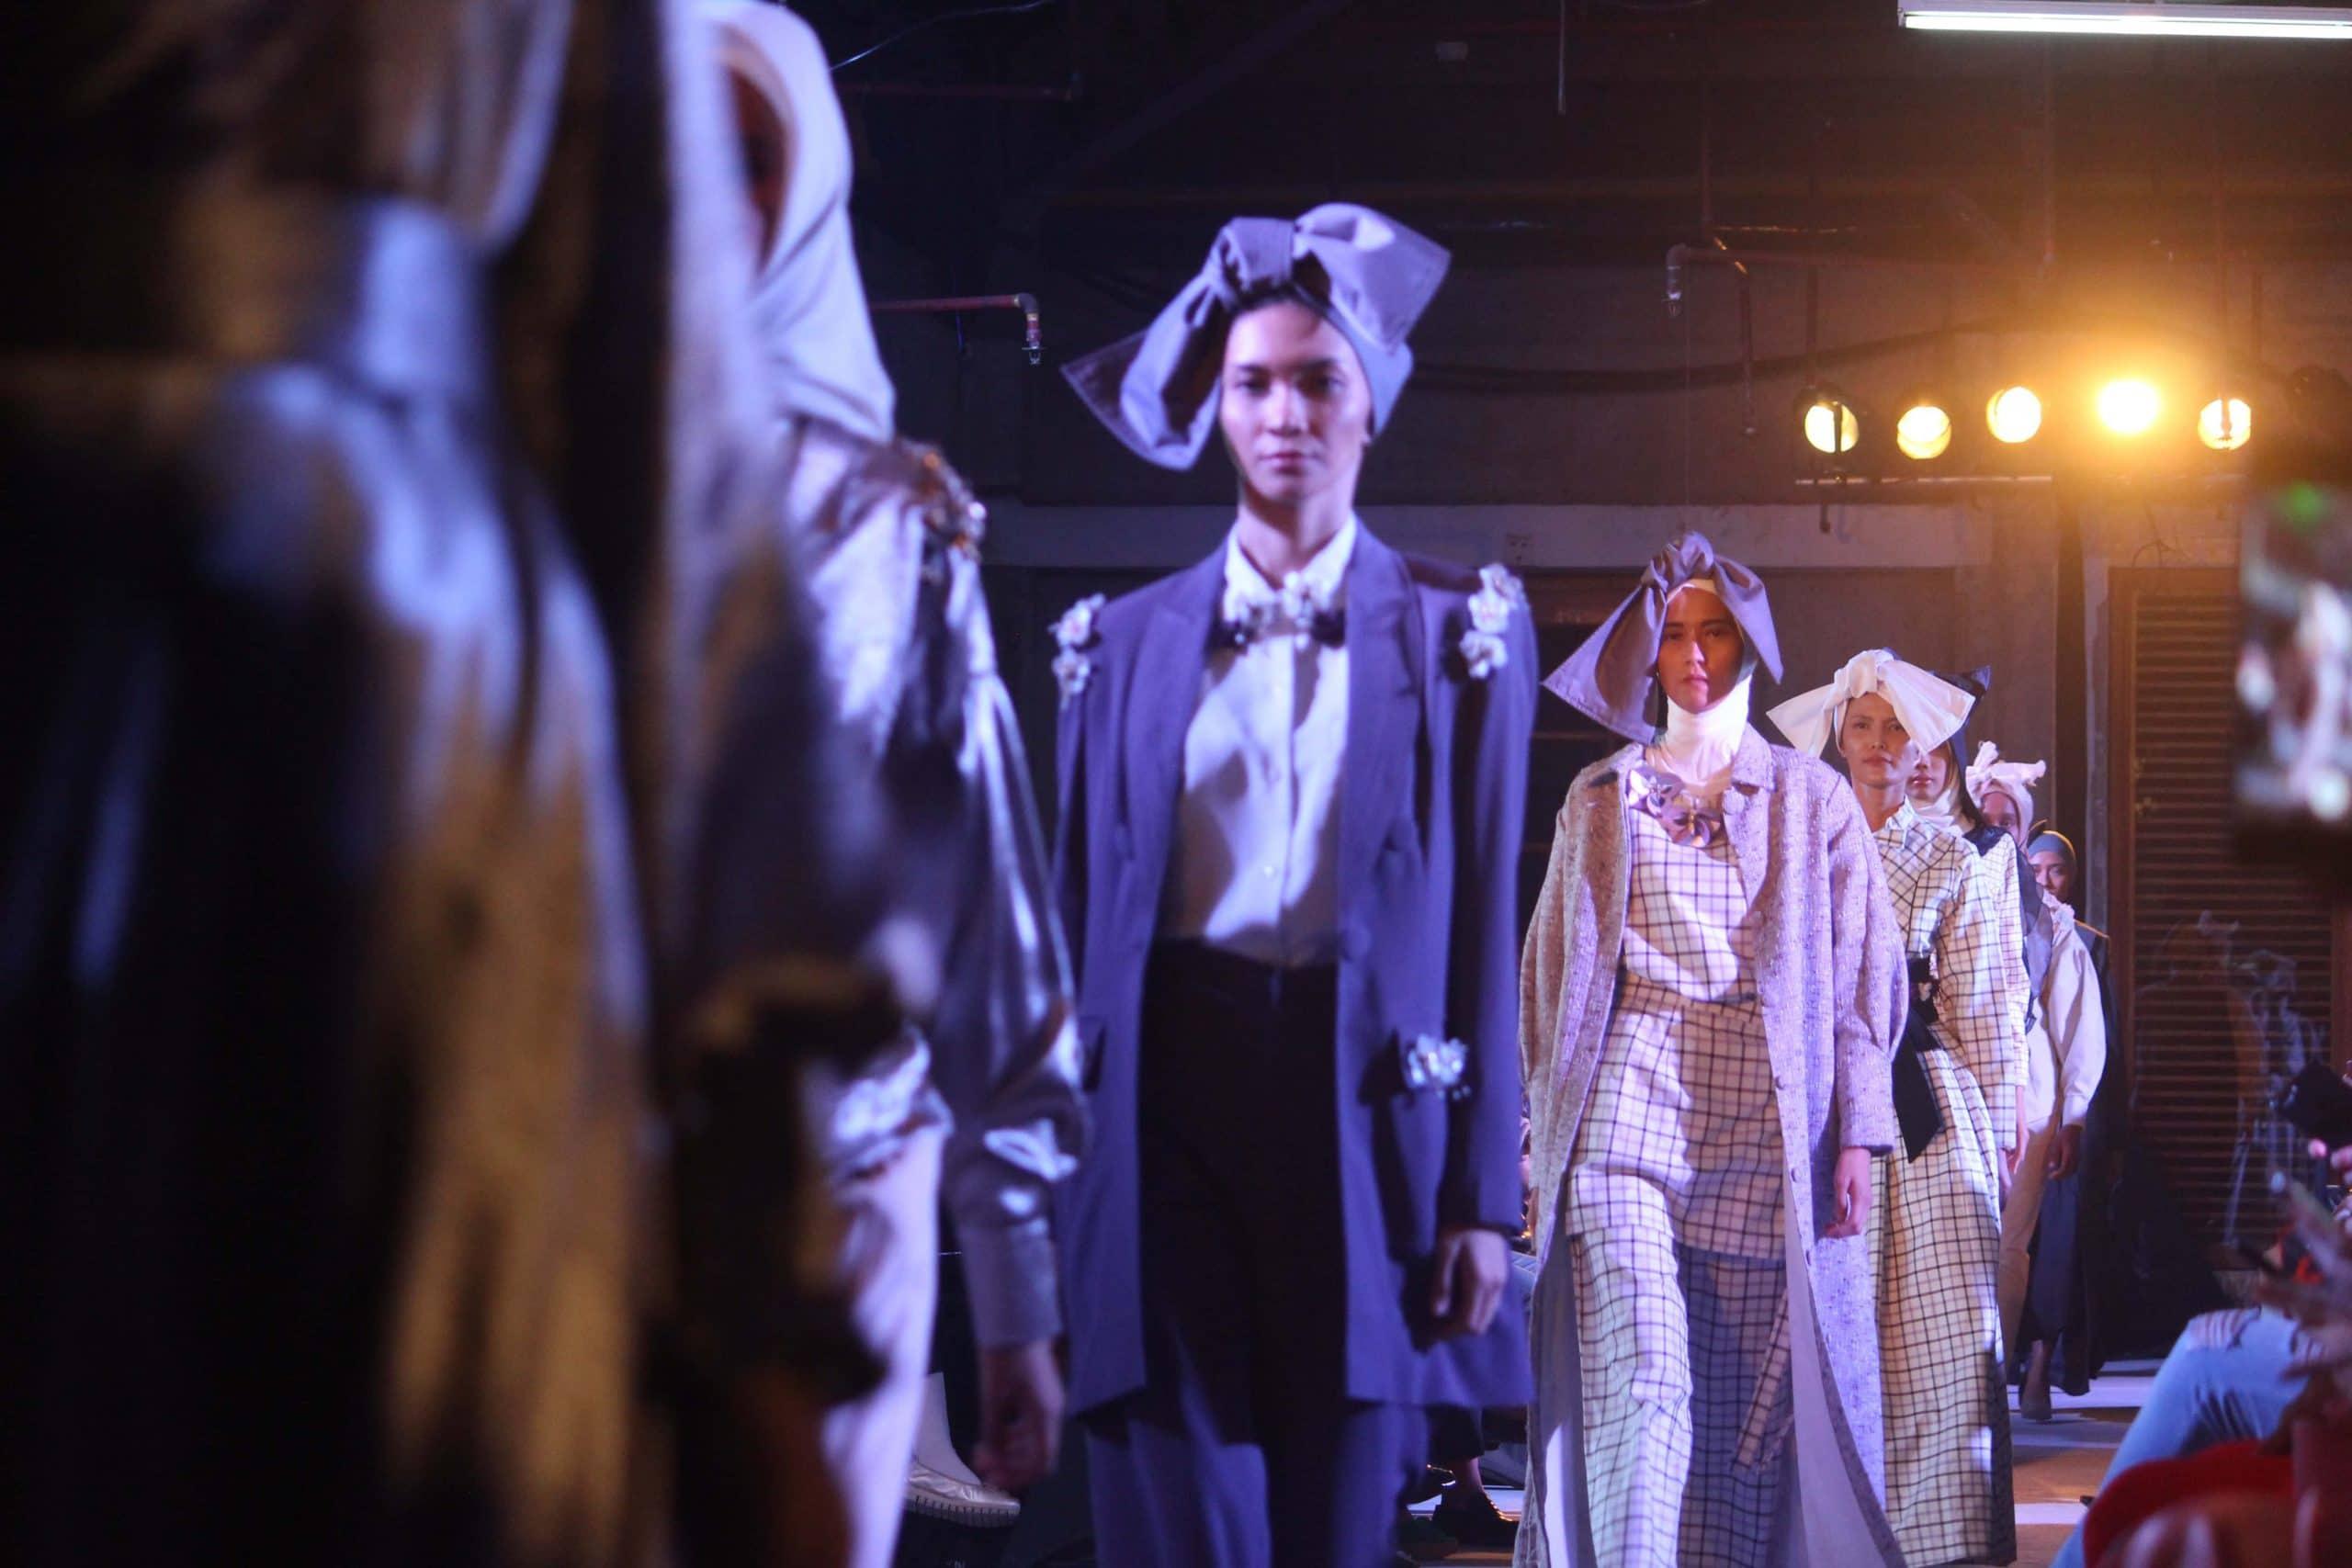 New York Fashion Week & The Pandemic's Enduring Impact